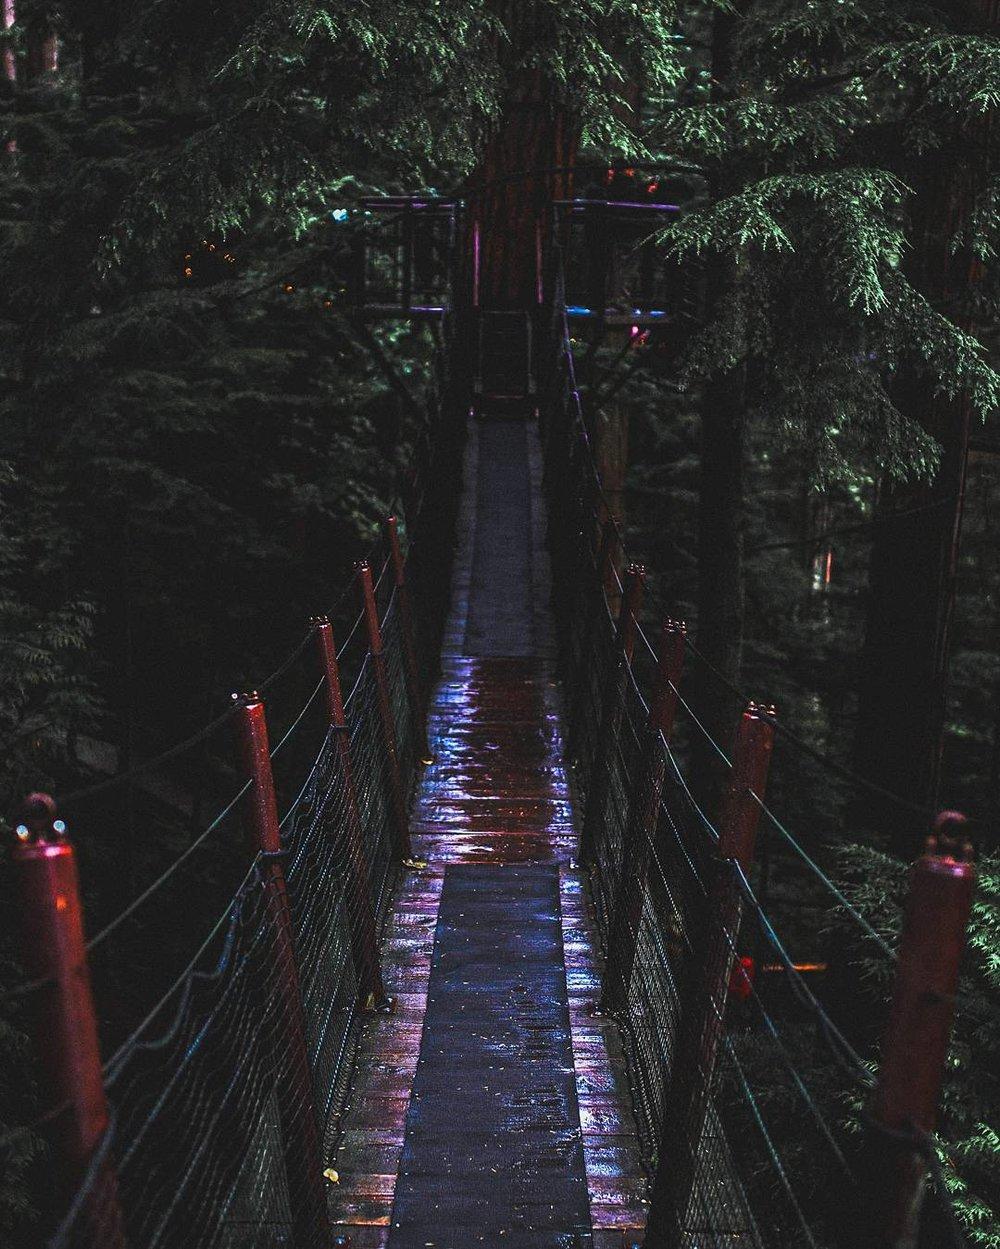 Suspension bridge at Capilano Park